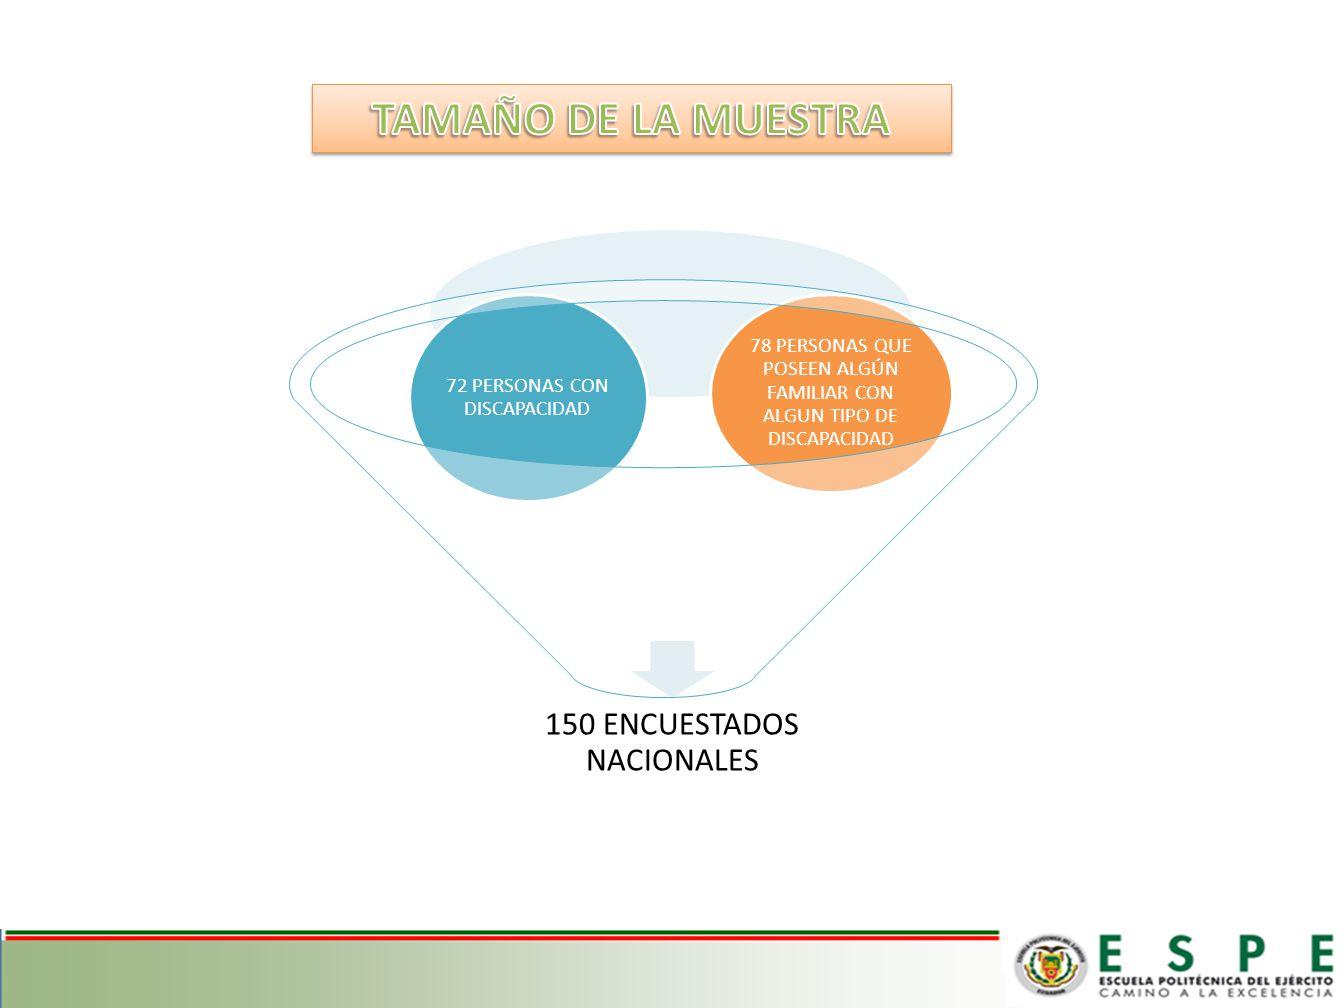 TAMAÑO DE LA MUESTRA 78 PERSONAS QUE POSEEN ALGÚN FAMILIAR CON ALGUN TIPO DE DISCAPACIDAD. 72 PERSONAS CON DISCAPACIDAD.